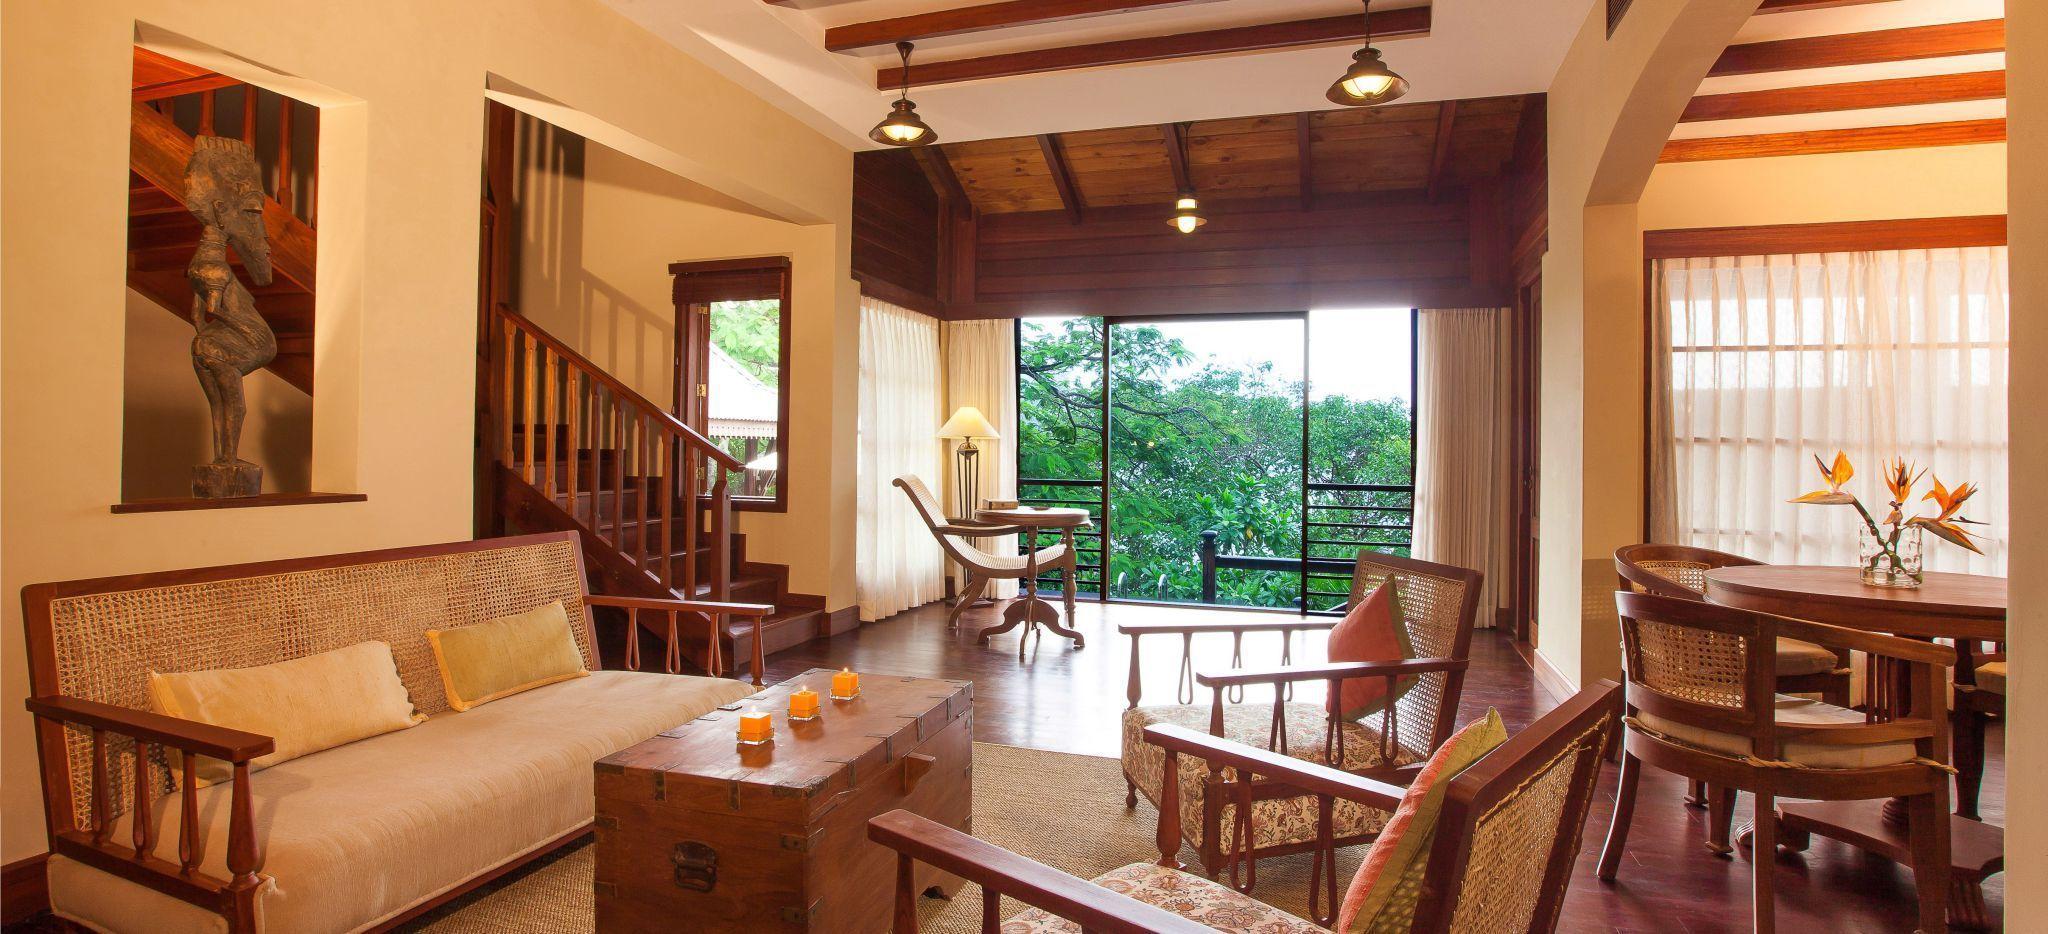 Mit viel Holz kolonial eingerichtetes Wohnzimmer im Hotelzimmer Enchanted Signature Villa auf der Island Lodge JA Enchanted Island auf den Seychellen